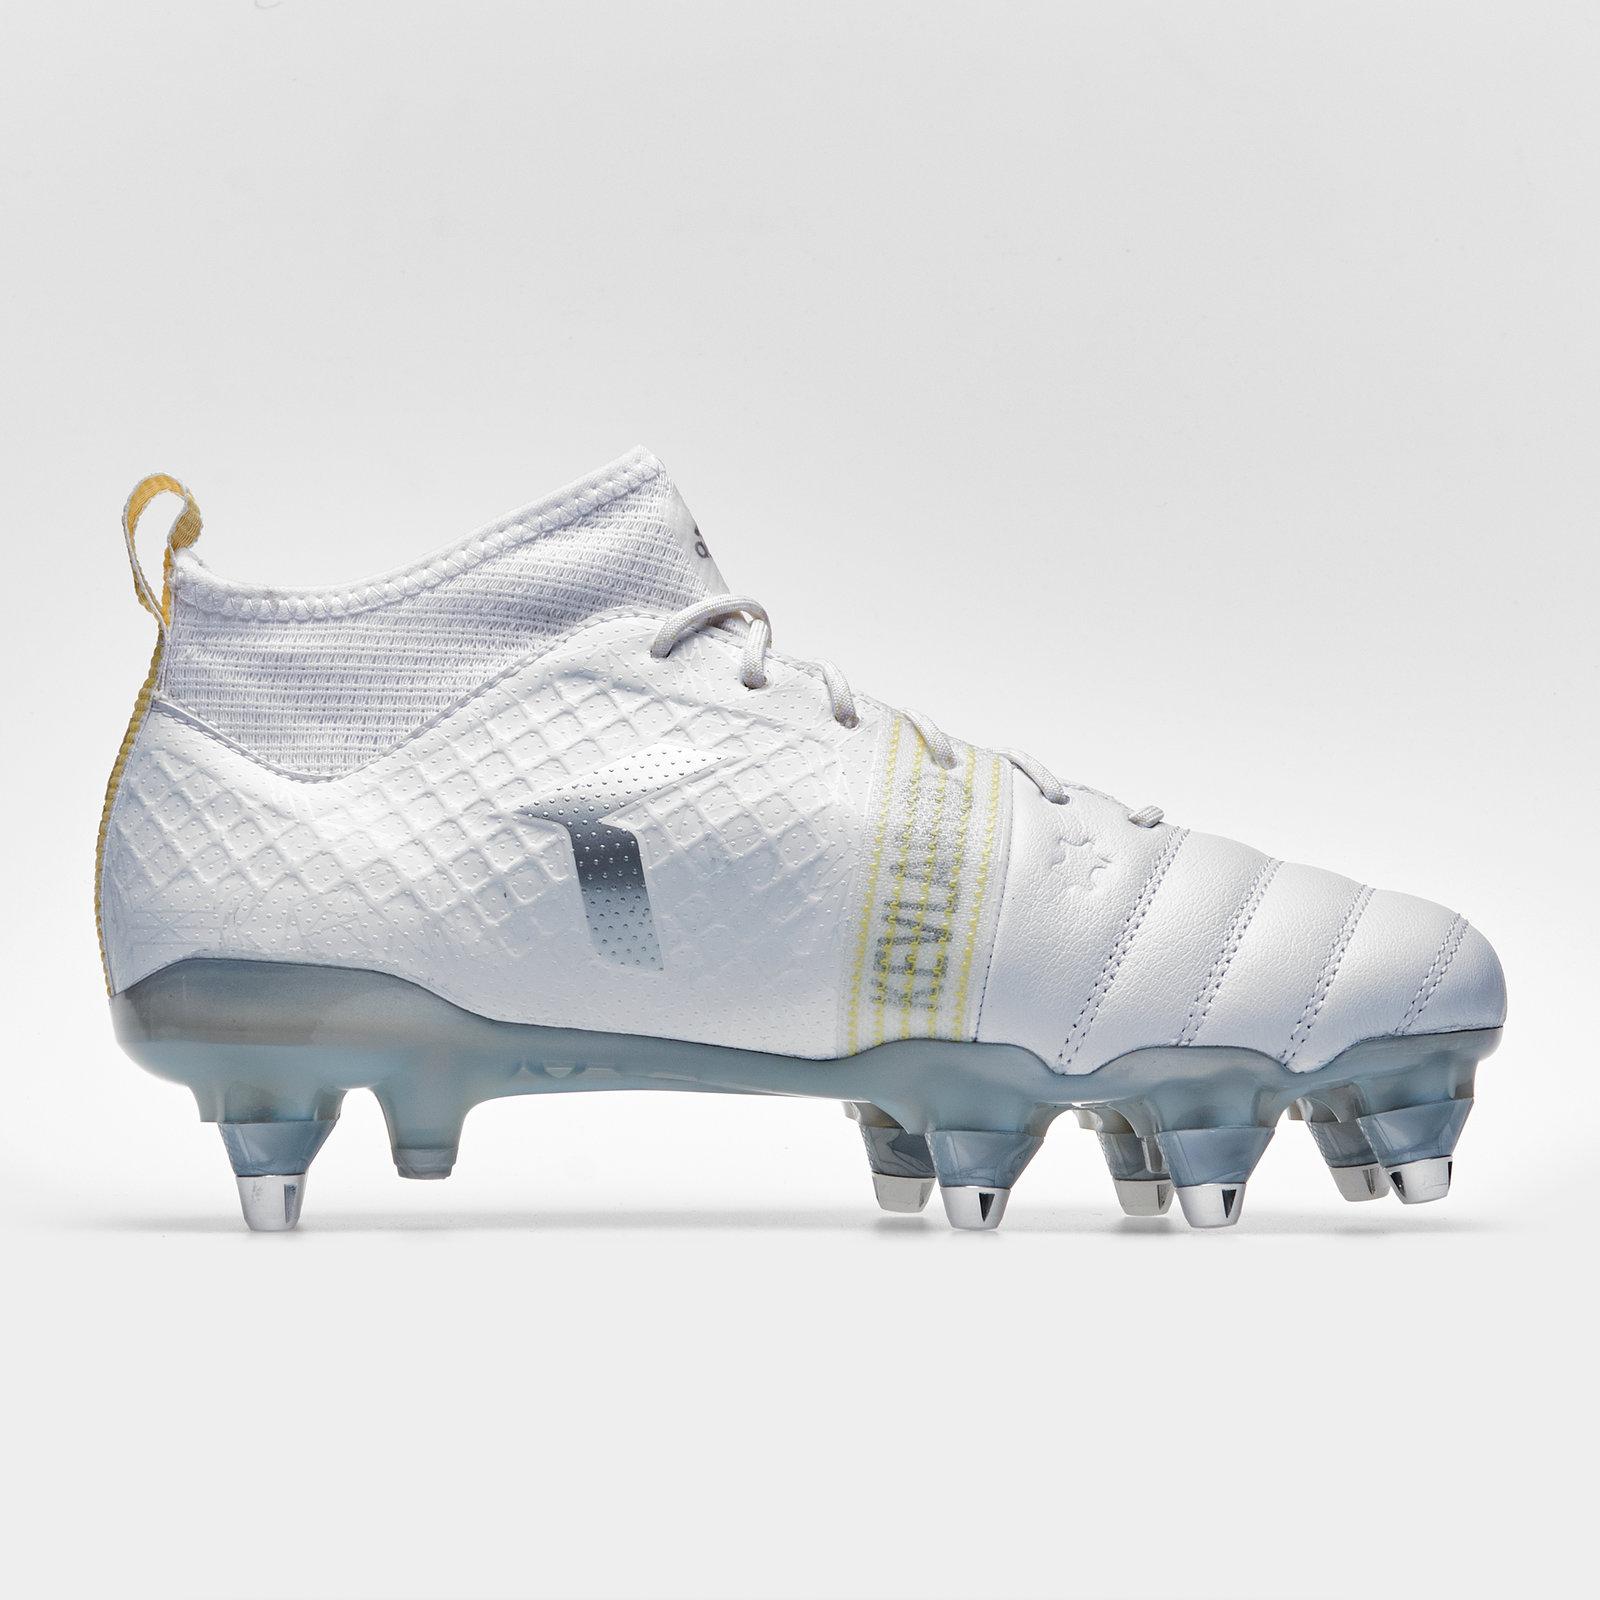 Sur Bottes Blanc Rugby X De Afficher Le D'origine Homme Kevlar Terrain Titre Souple Adidas Rivets Chaussures Sport Détails Kakari WCoedxrB